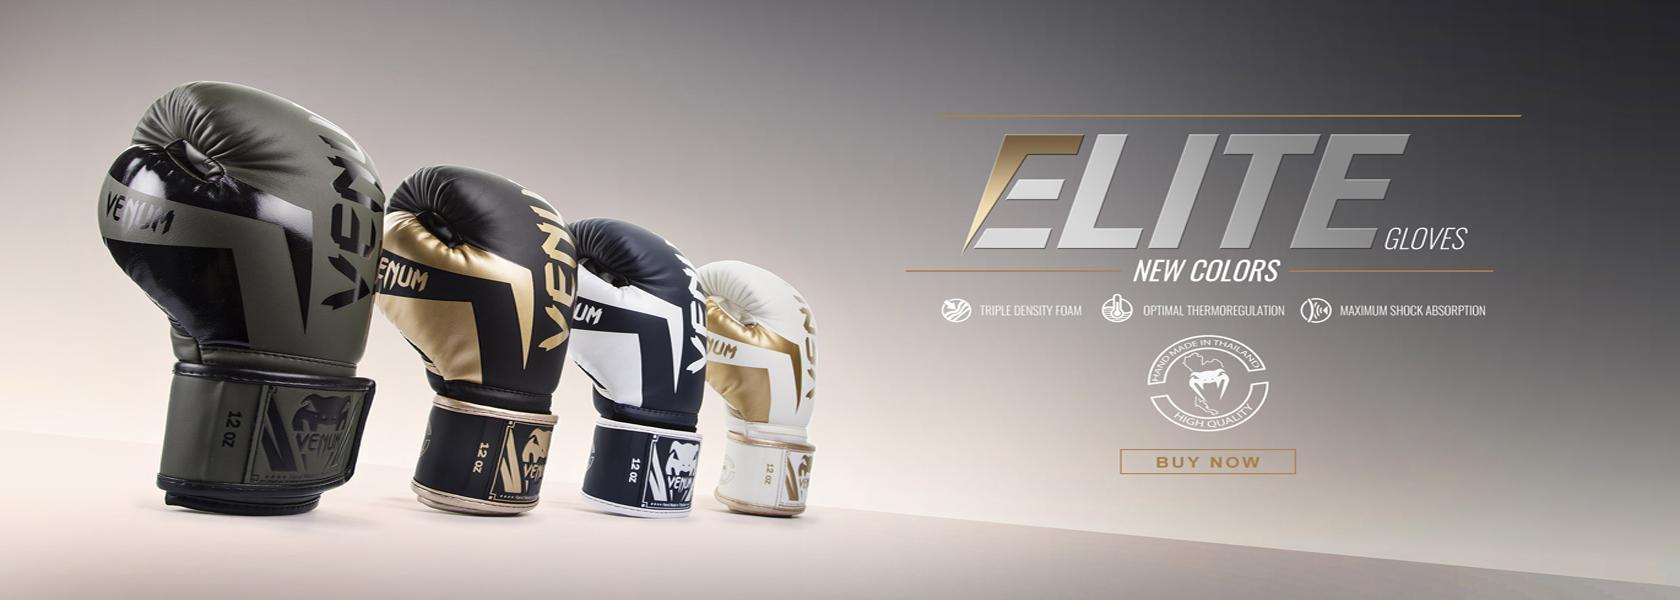 Elite_Line